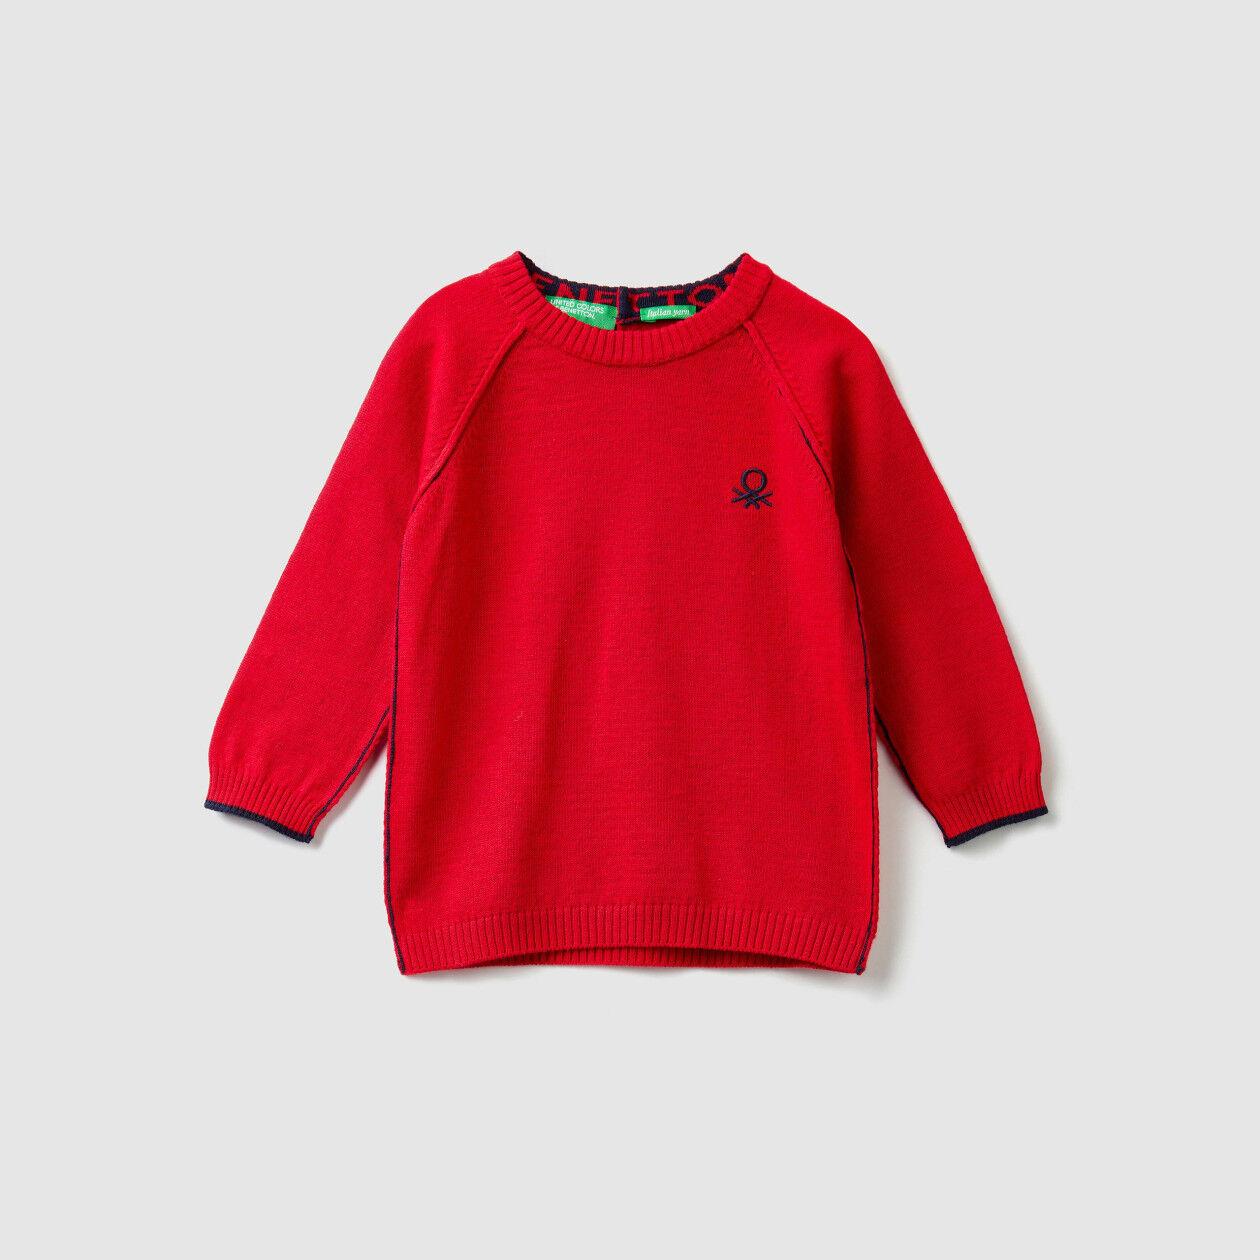 Jersey de cuello redondo de algodón y lana